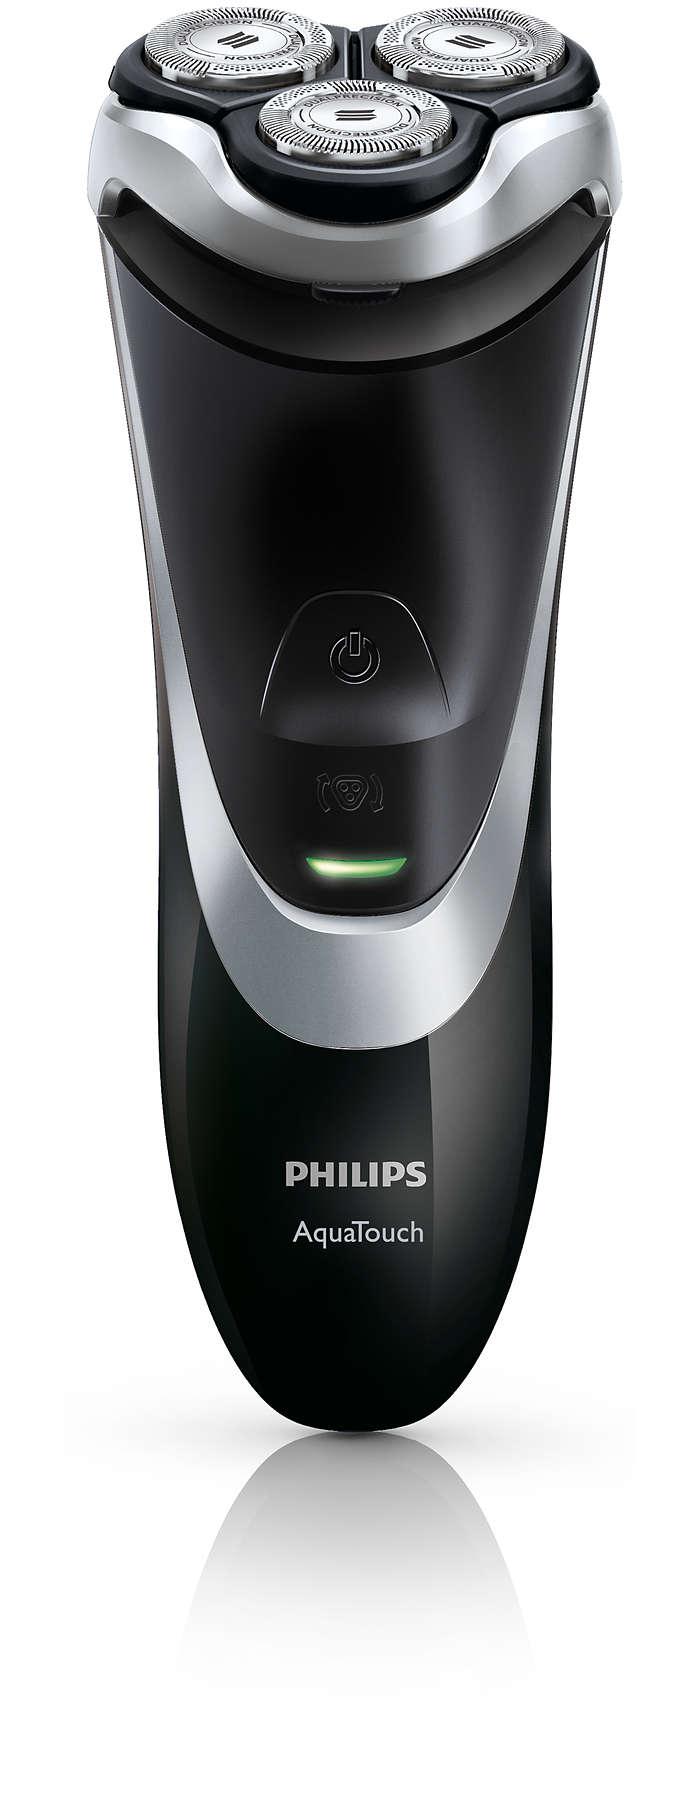 Aquatouch rasoir lectrique rasage sec ou sous l 39 eau at889 16 philips - Rasoir electrique etanche sous douche ...